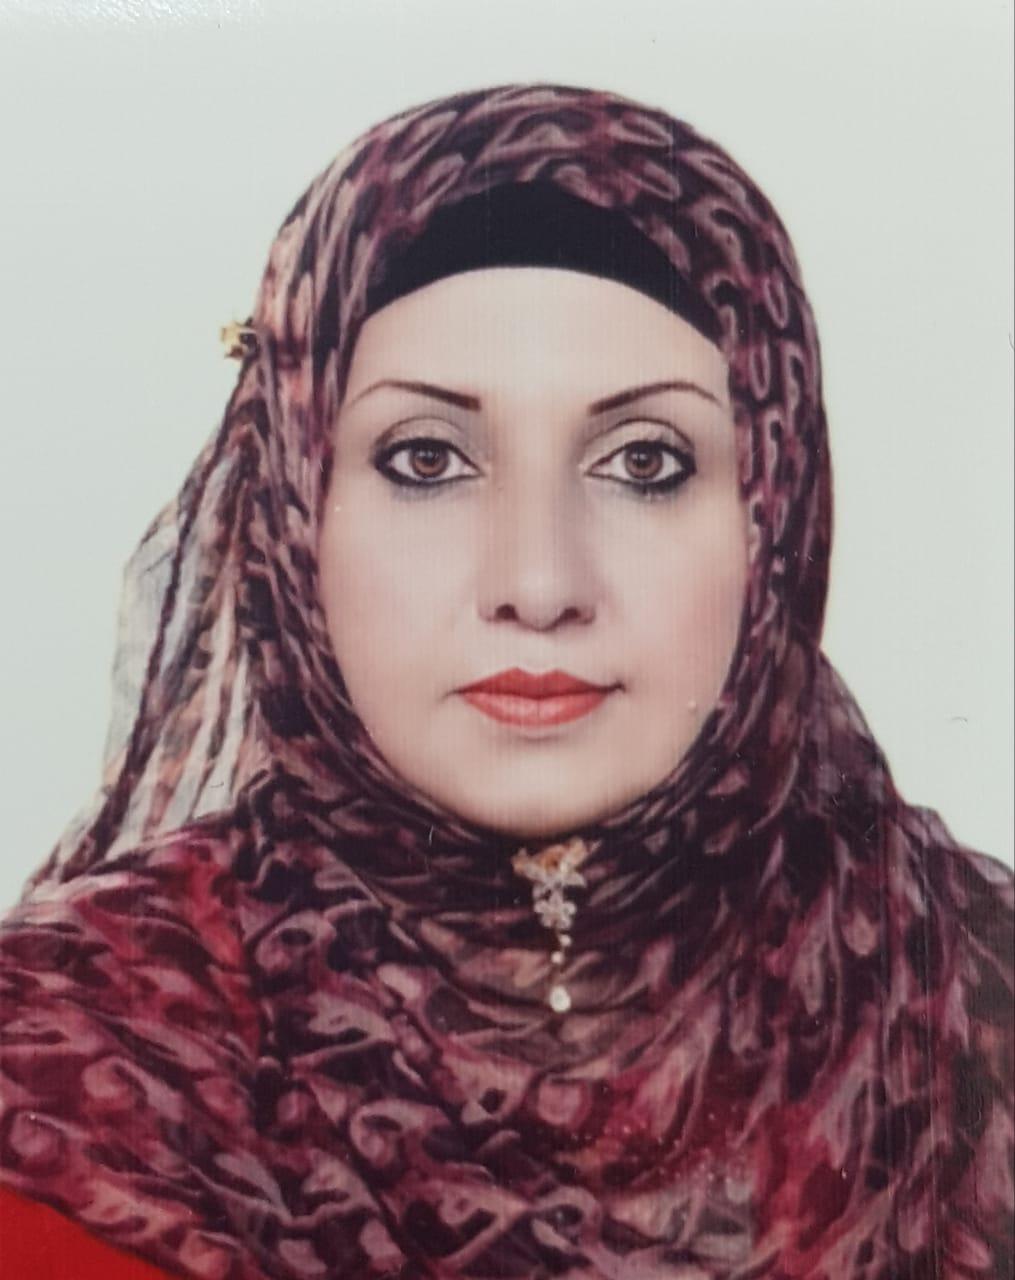 Hana M. Ali Alhamdani